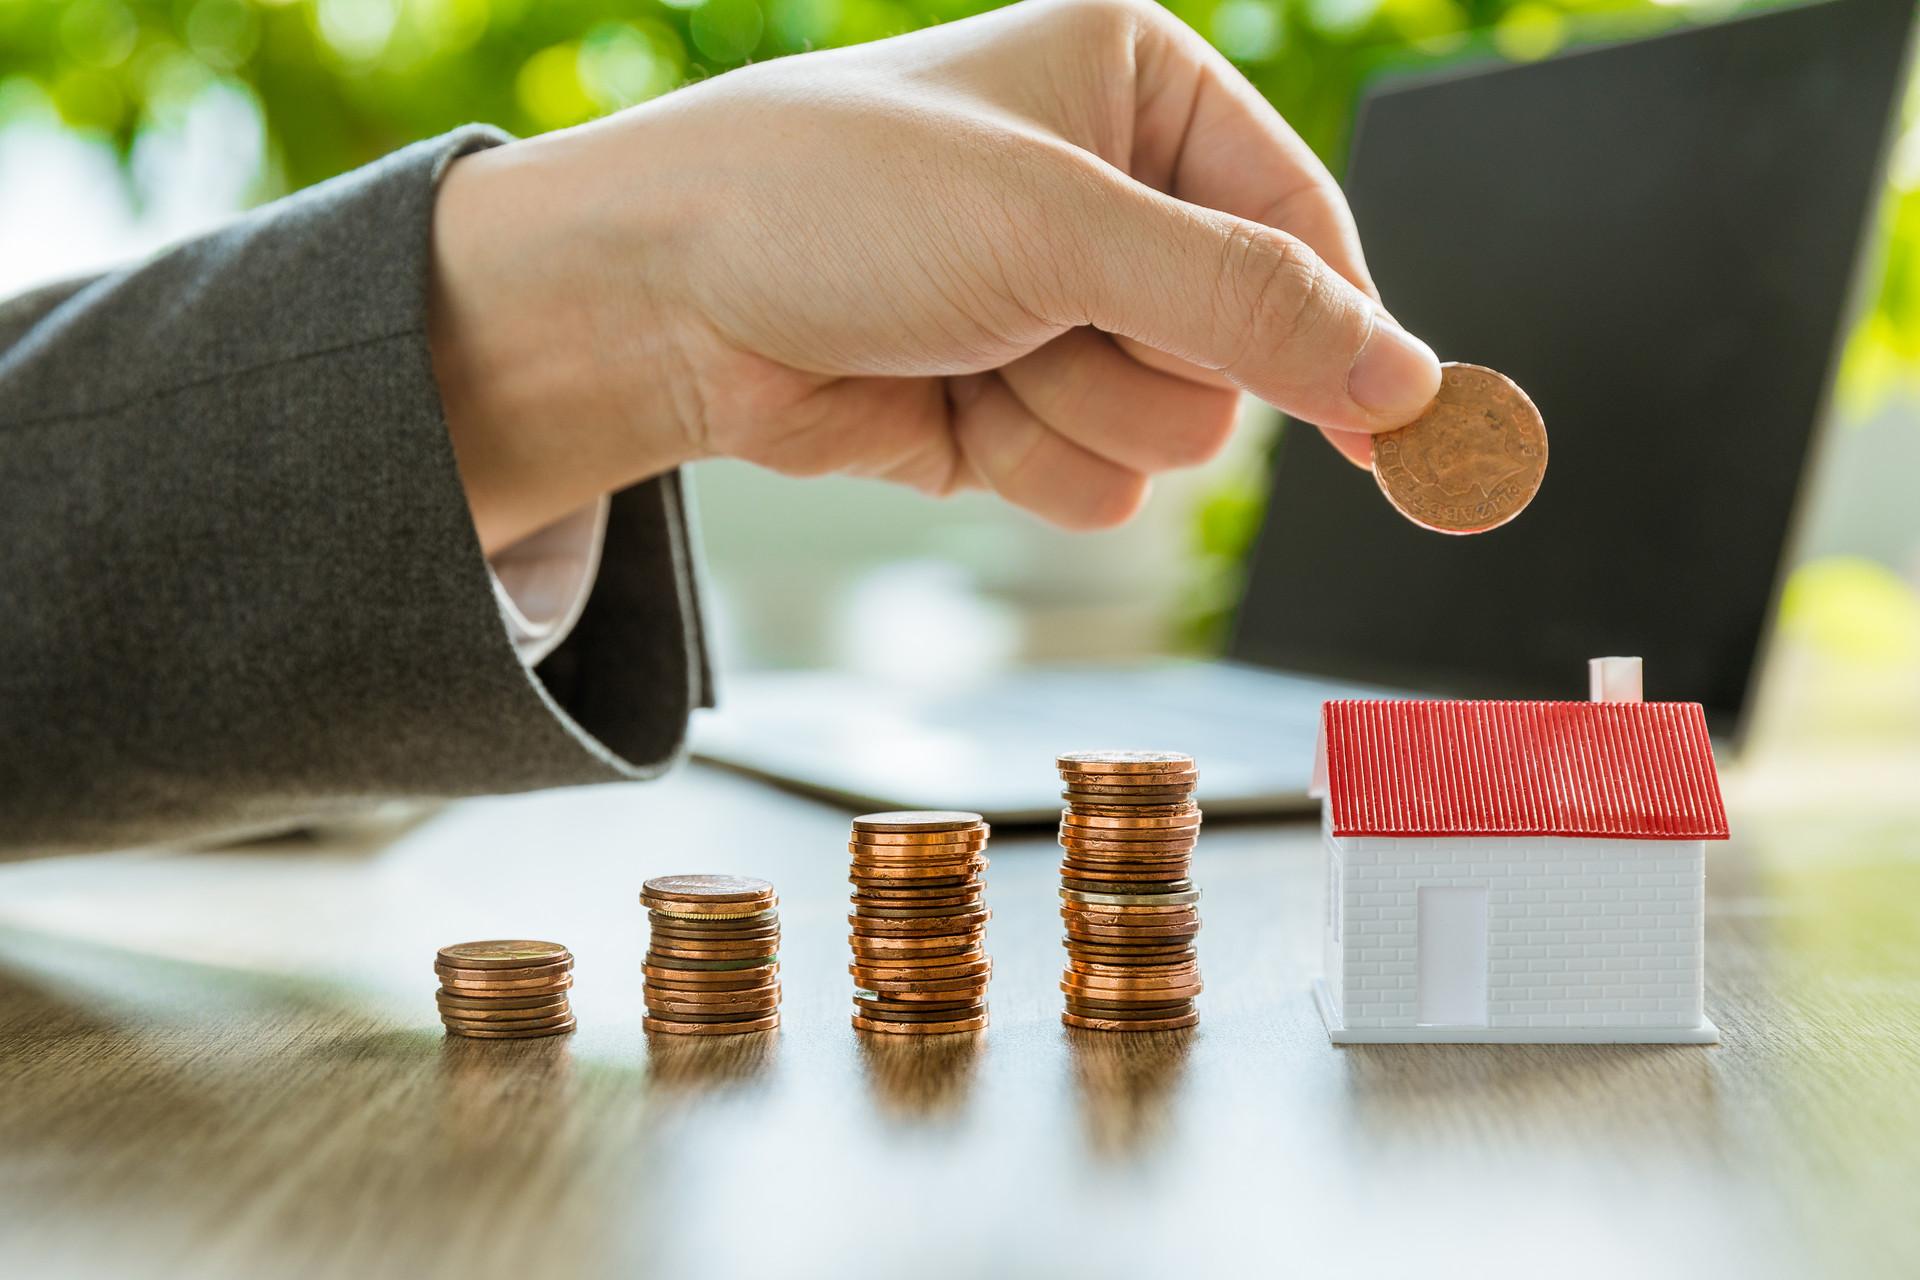 住房公积金怎么贷款,公积金贷款条件是什么